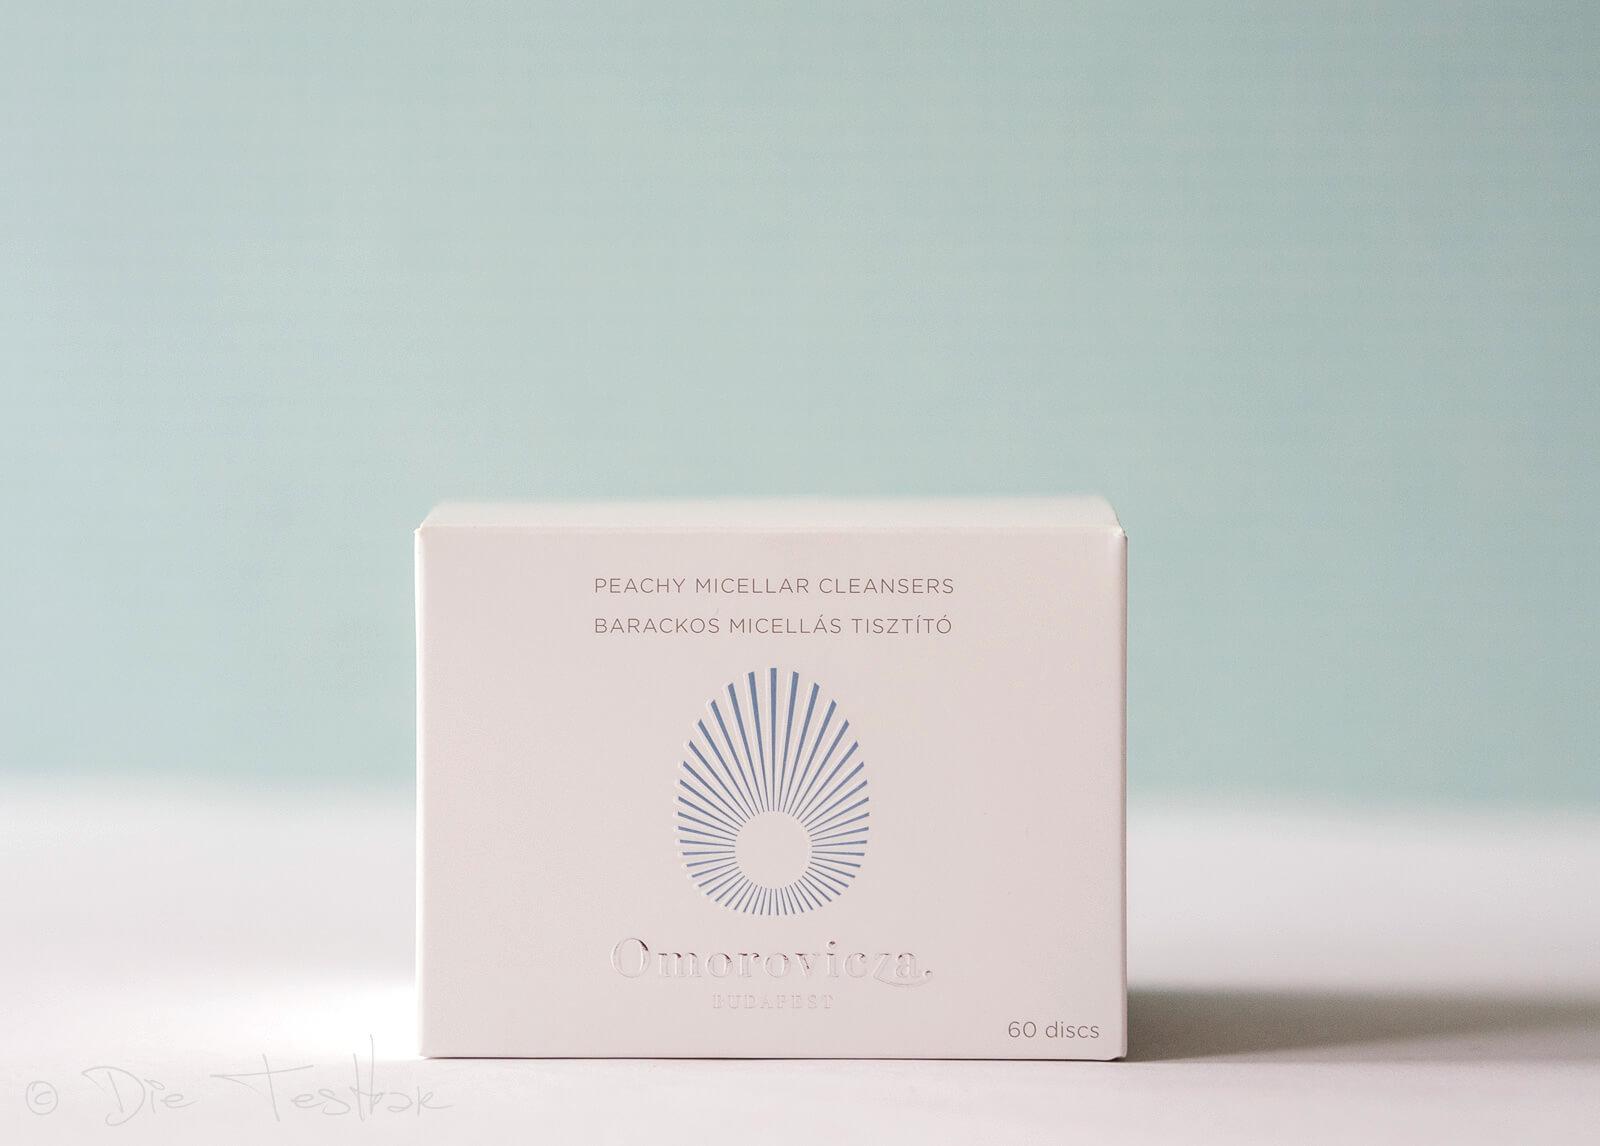 Omorovicza Peachy Micellar Cleansers - Sanfte Reinigungsschwämmchen in natürlicher Mizellenlösung